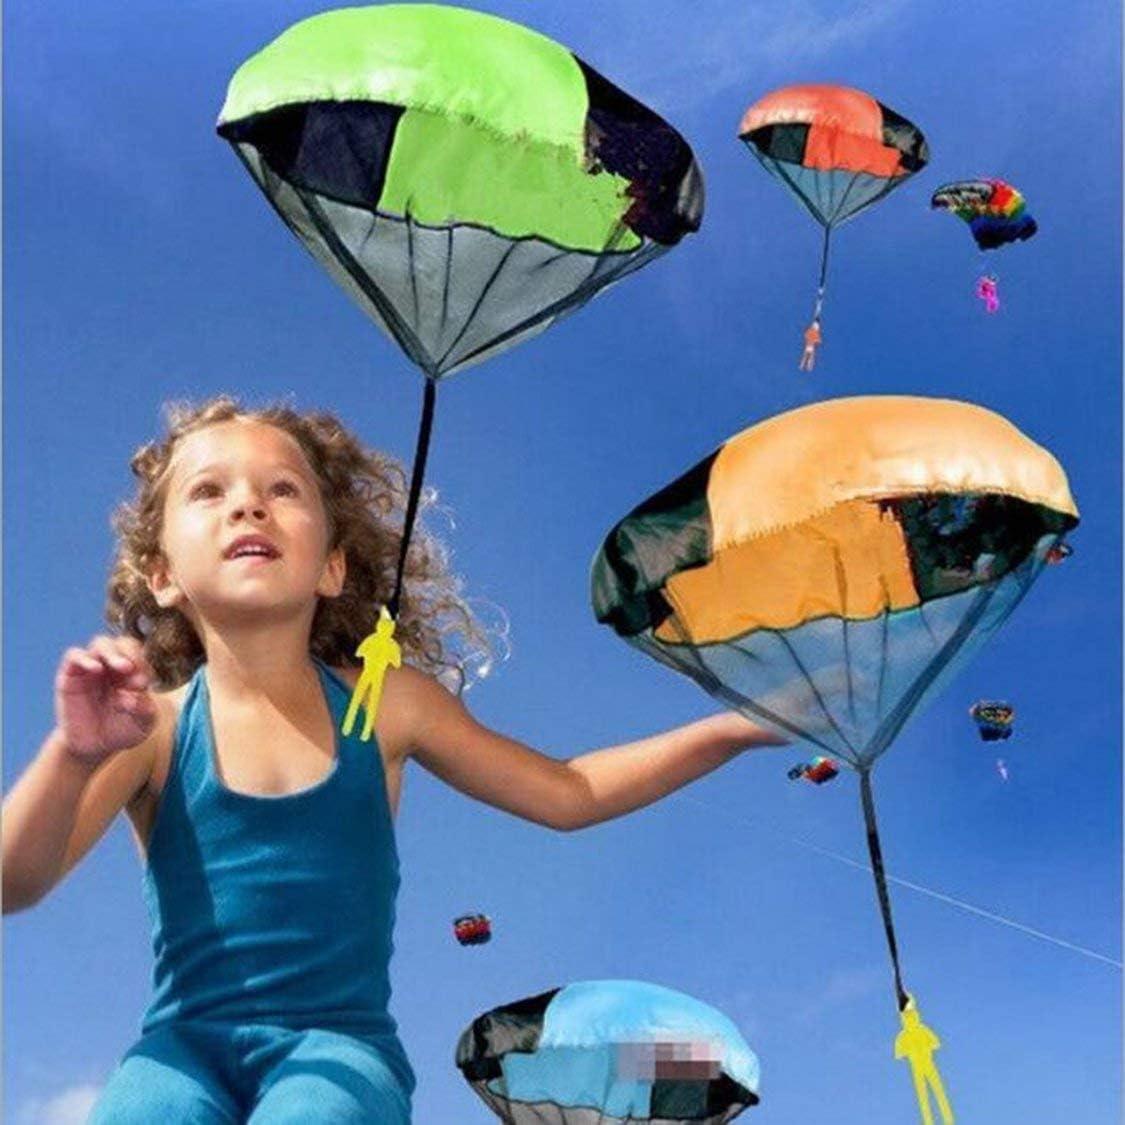 FancysweetyFR Enfants Main Lancer Jouet Parachute pour Enfants EFor DUCATIonal Parachute avec Figure Soldier en Plein Air Amusant Sport Jeu de Jeu